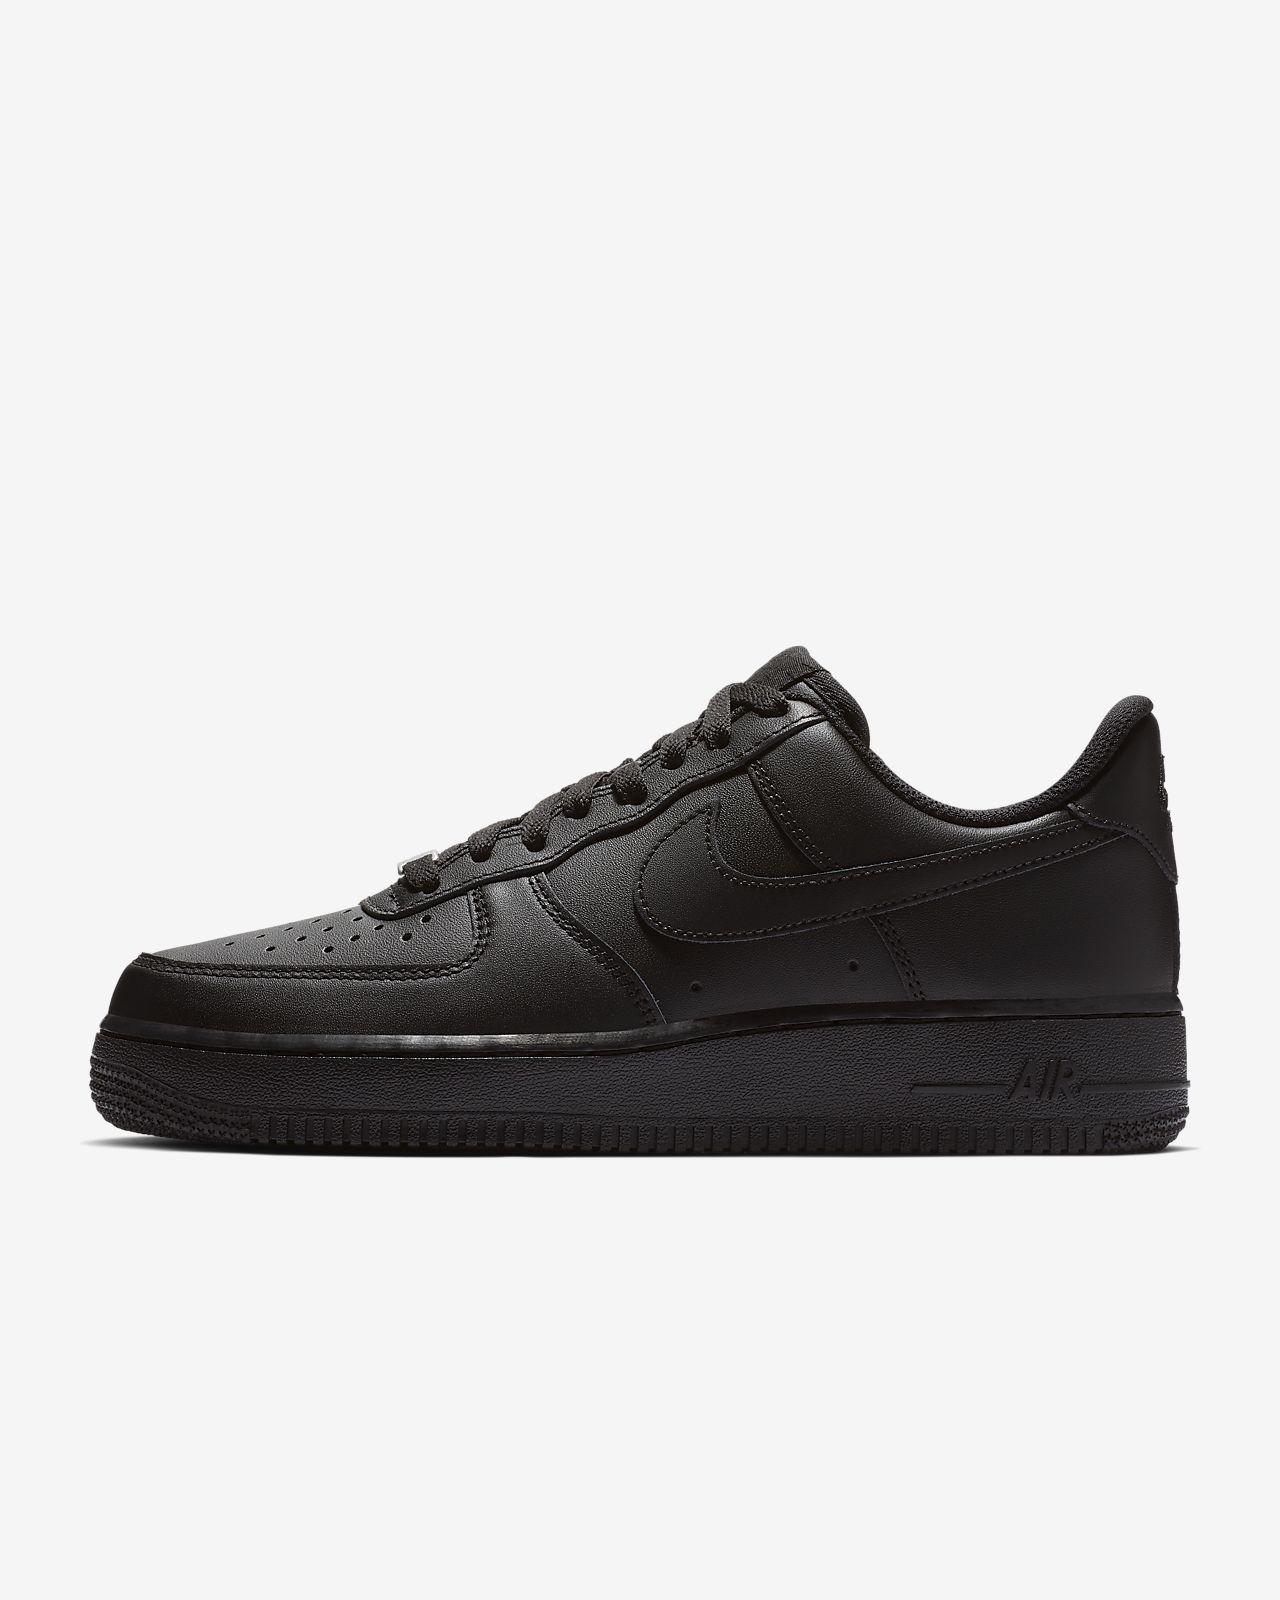 Γυναικείο παπούτσι Nike Air Force 1 '07